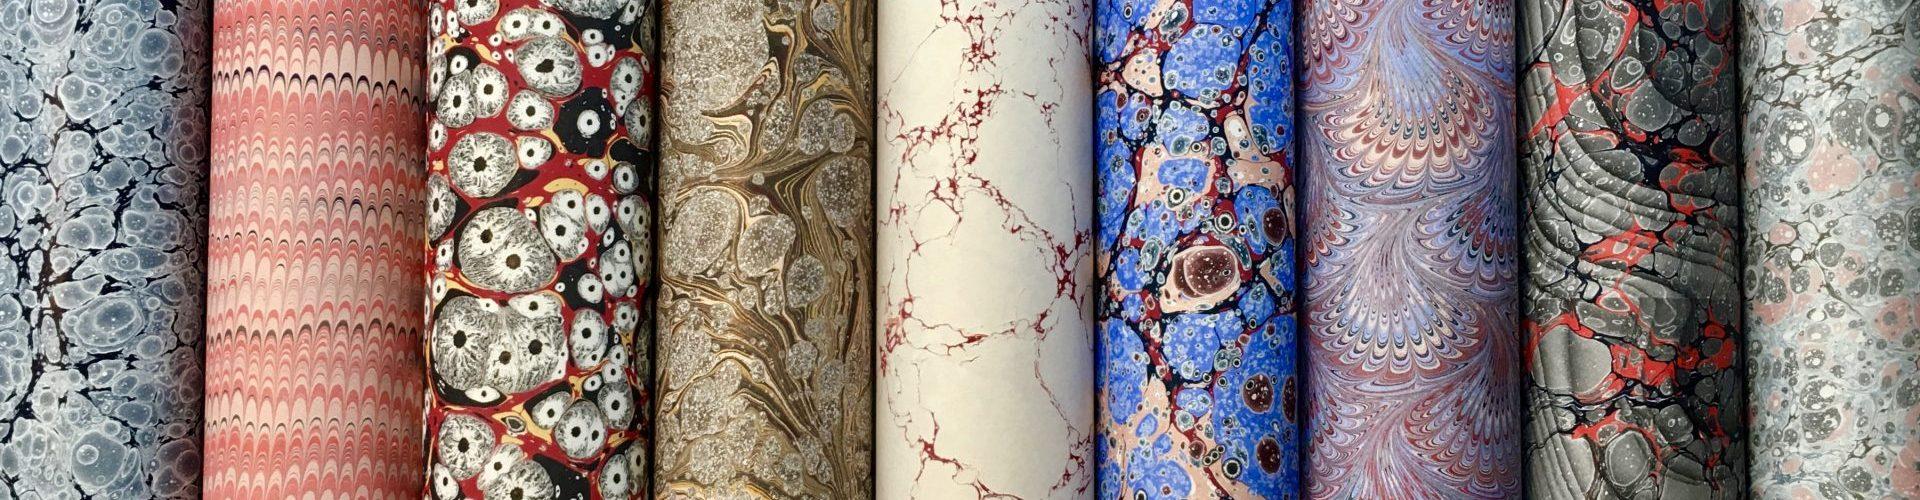 Rankų darbo marmurinis popierius || Hand marbled papers